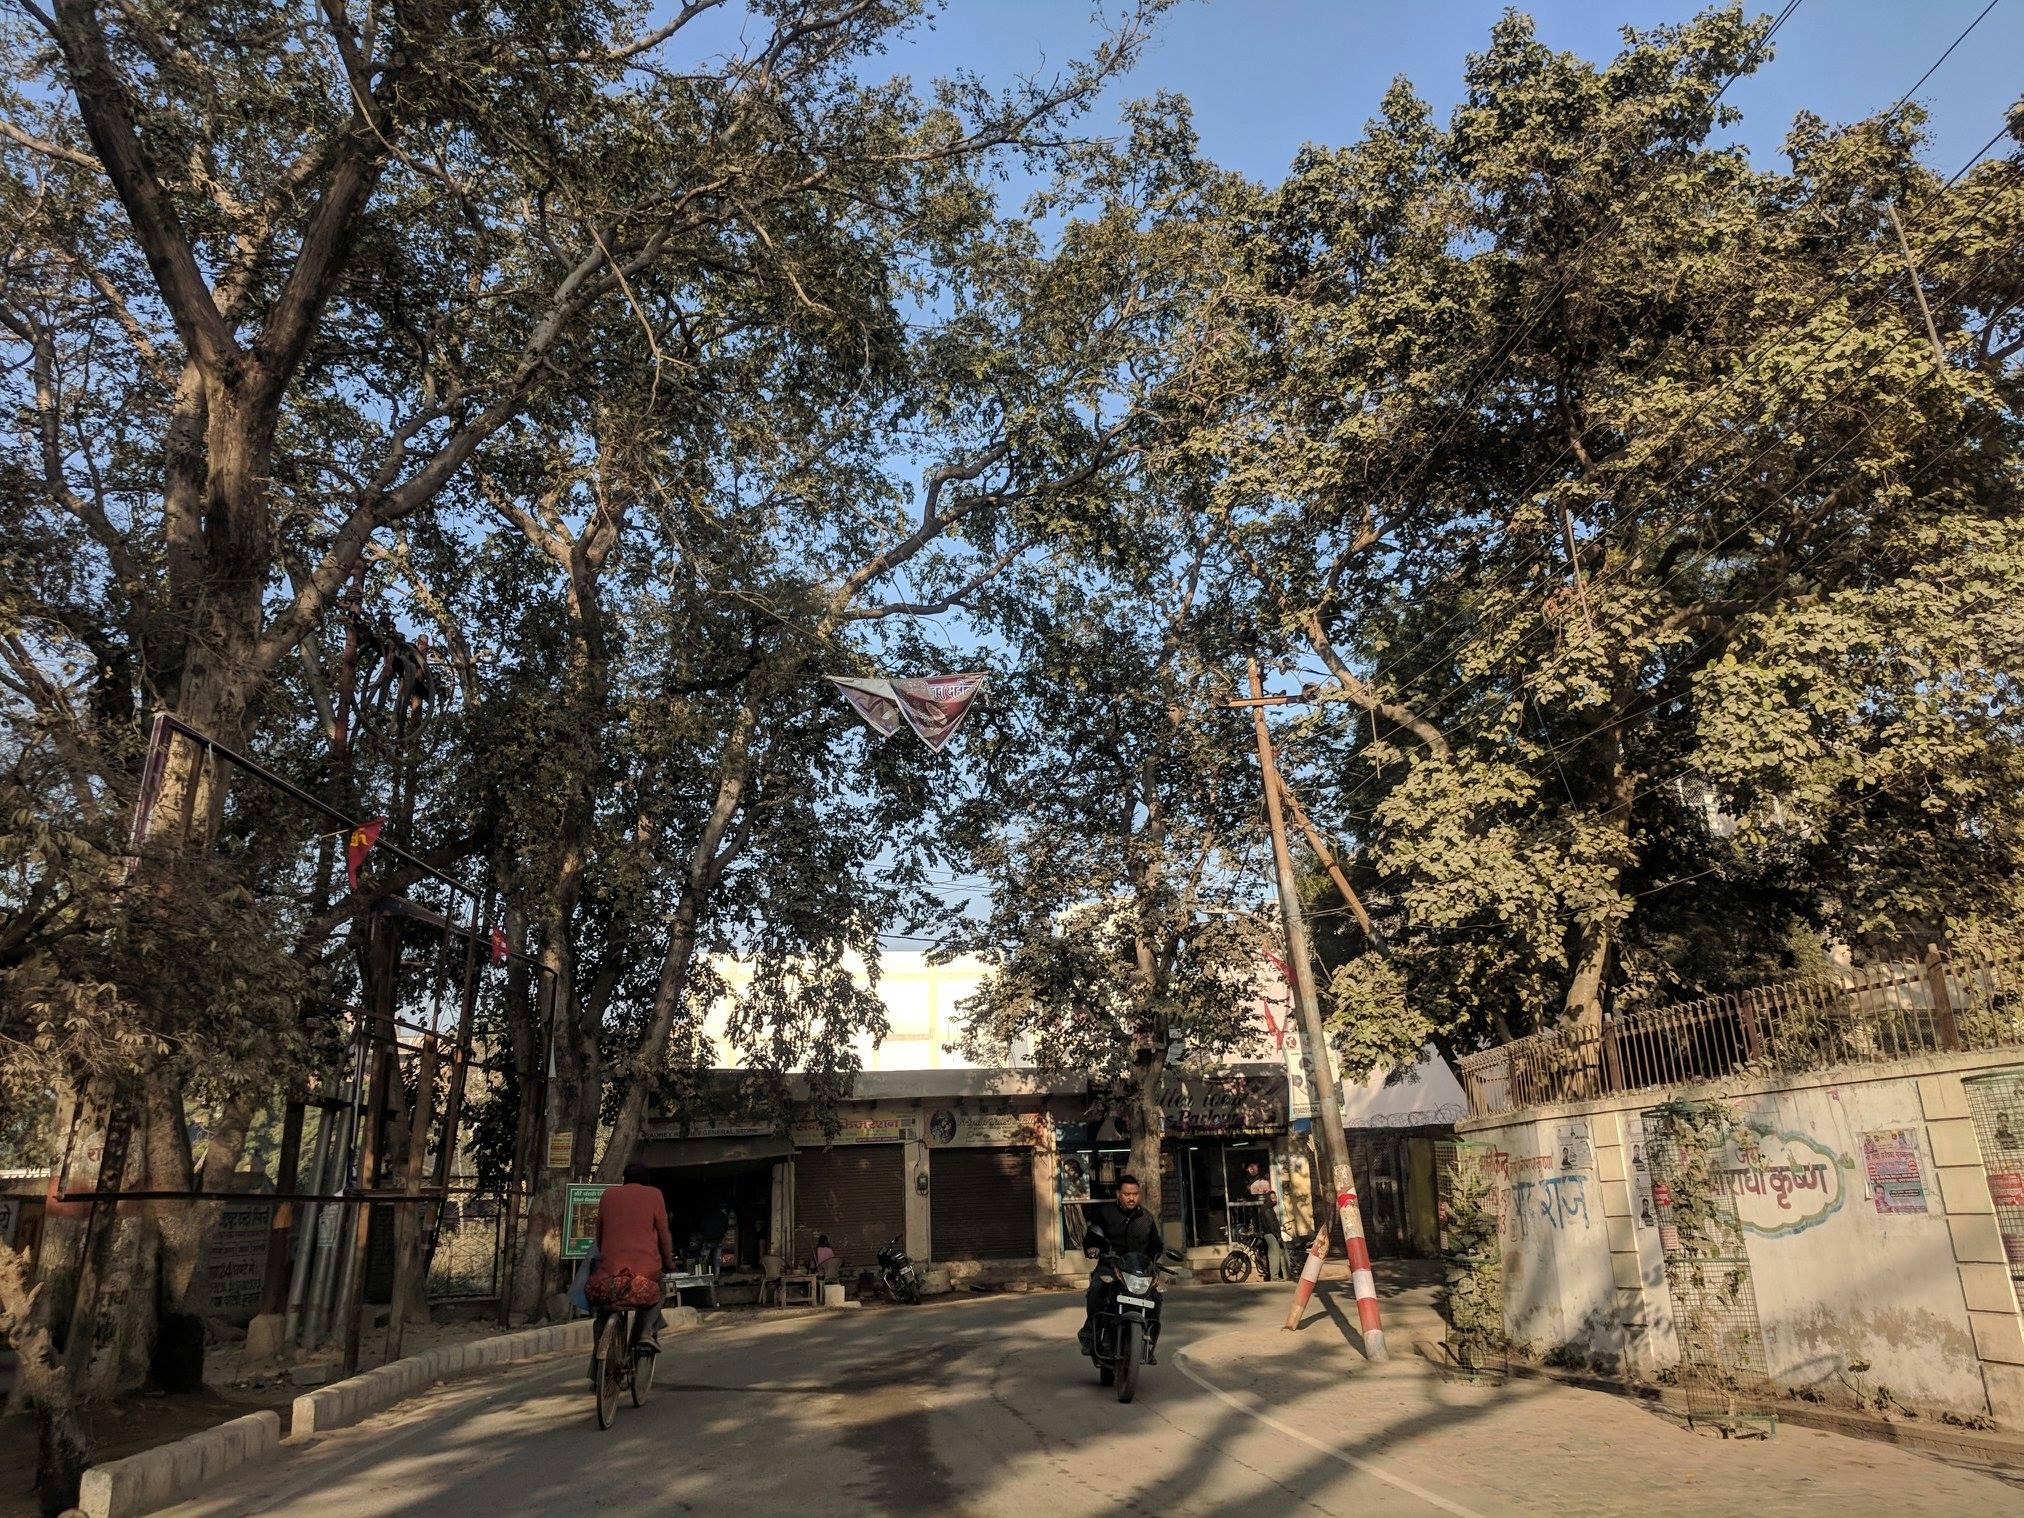 Parikrama Marg, Vrindavan